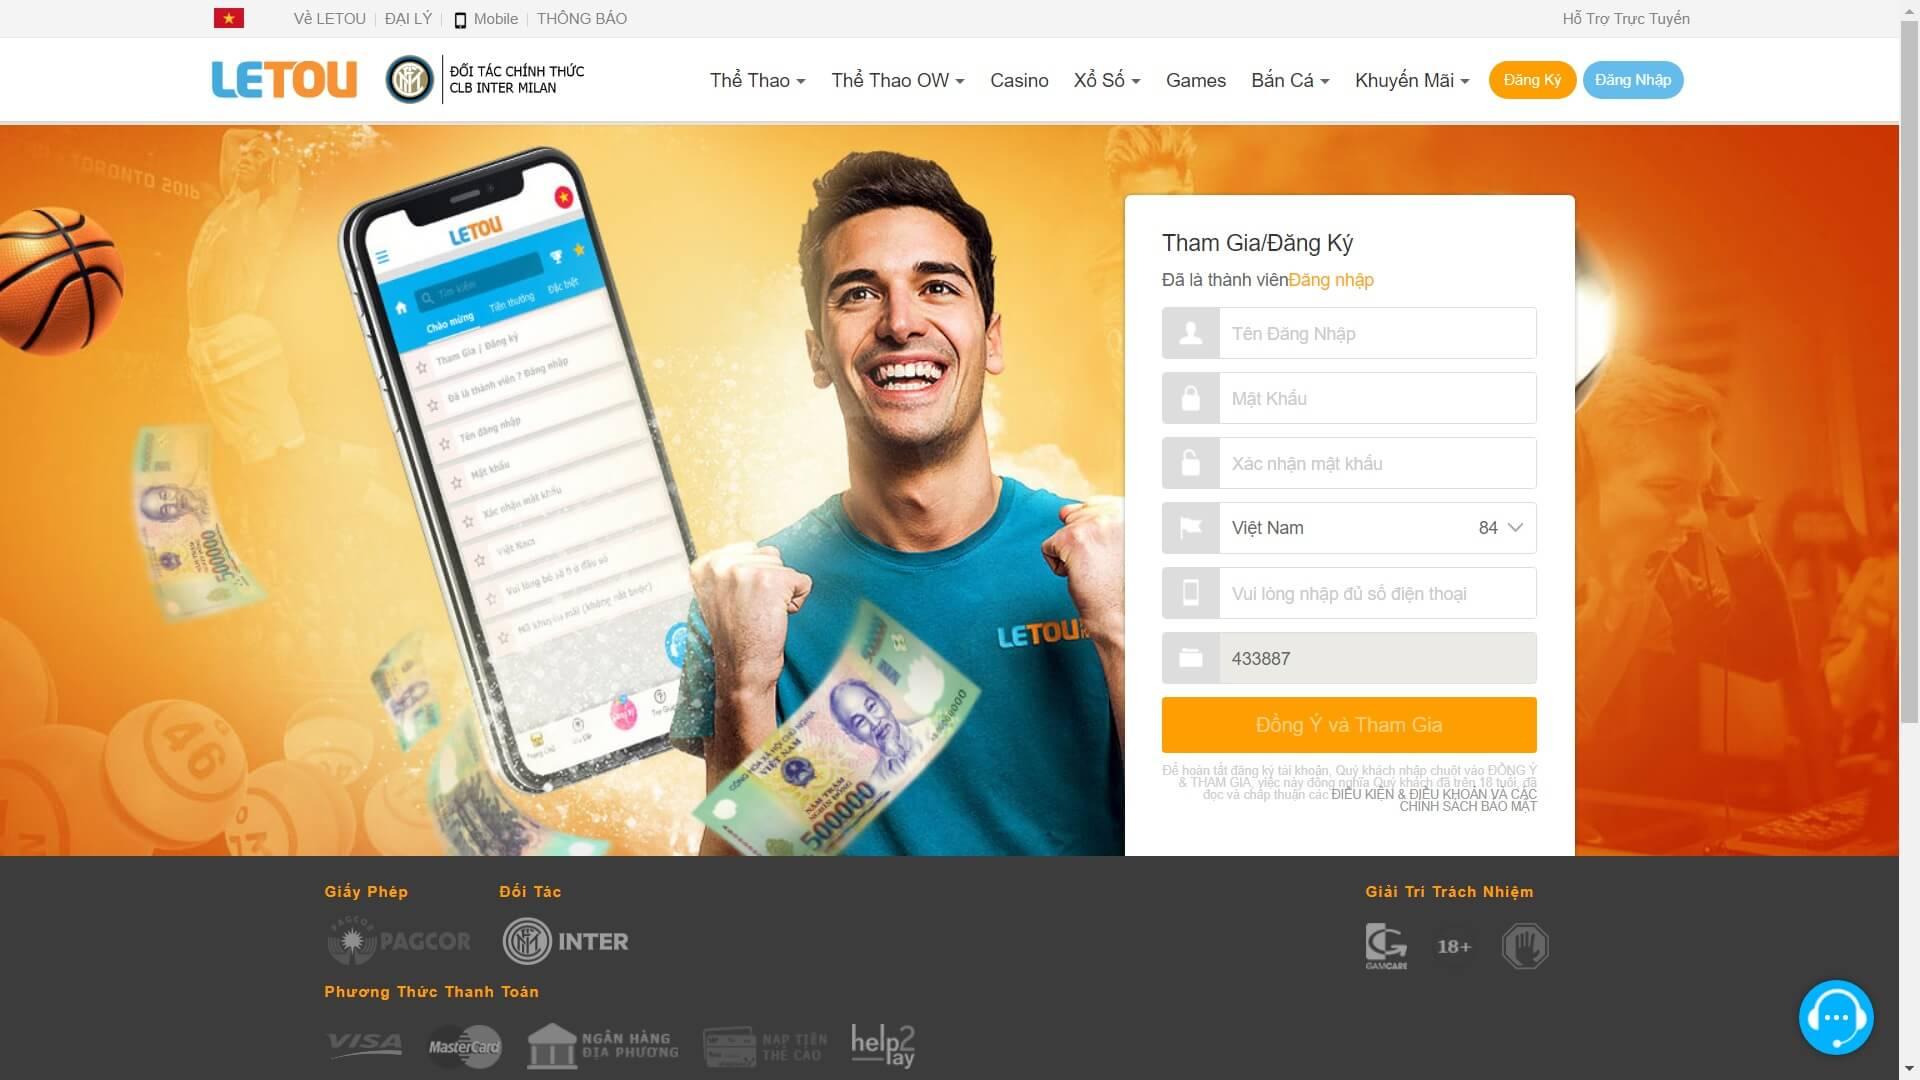 đăng ký tài khoản nhà cái letou